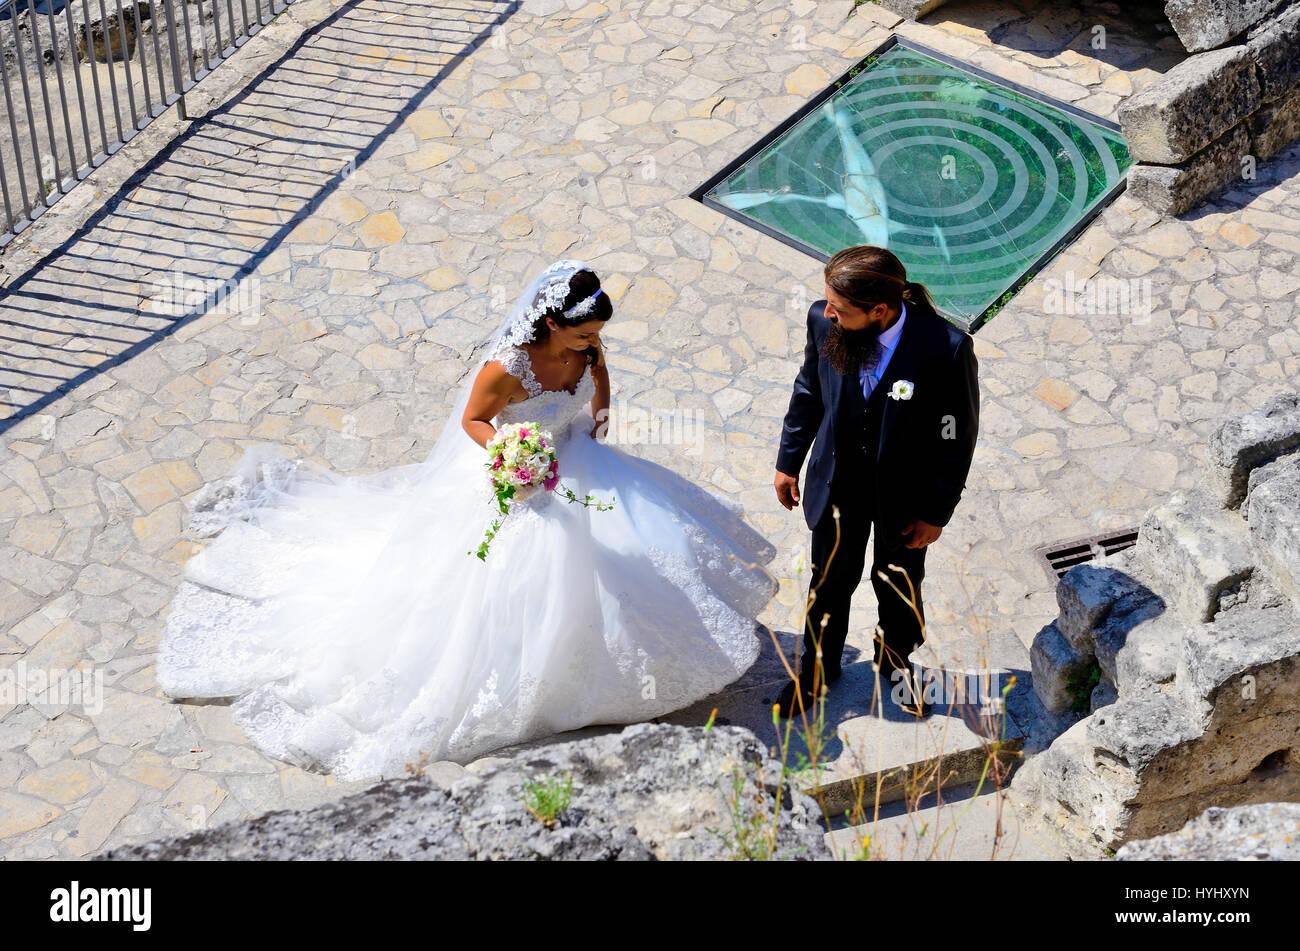 Photo snap a sorpresa una coppia sposata nel villaggio di pietre - Agosto 20 2016 Matera, Italia Immagini Stock